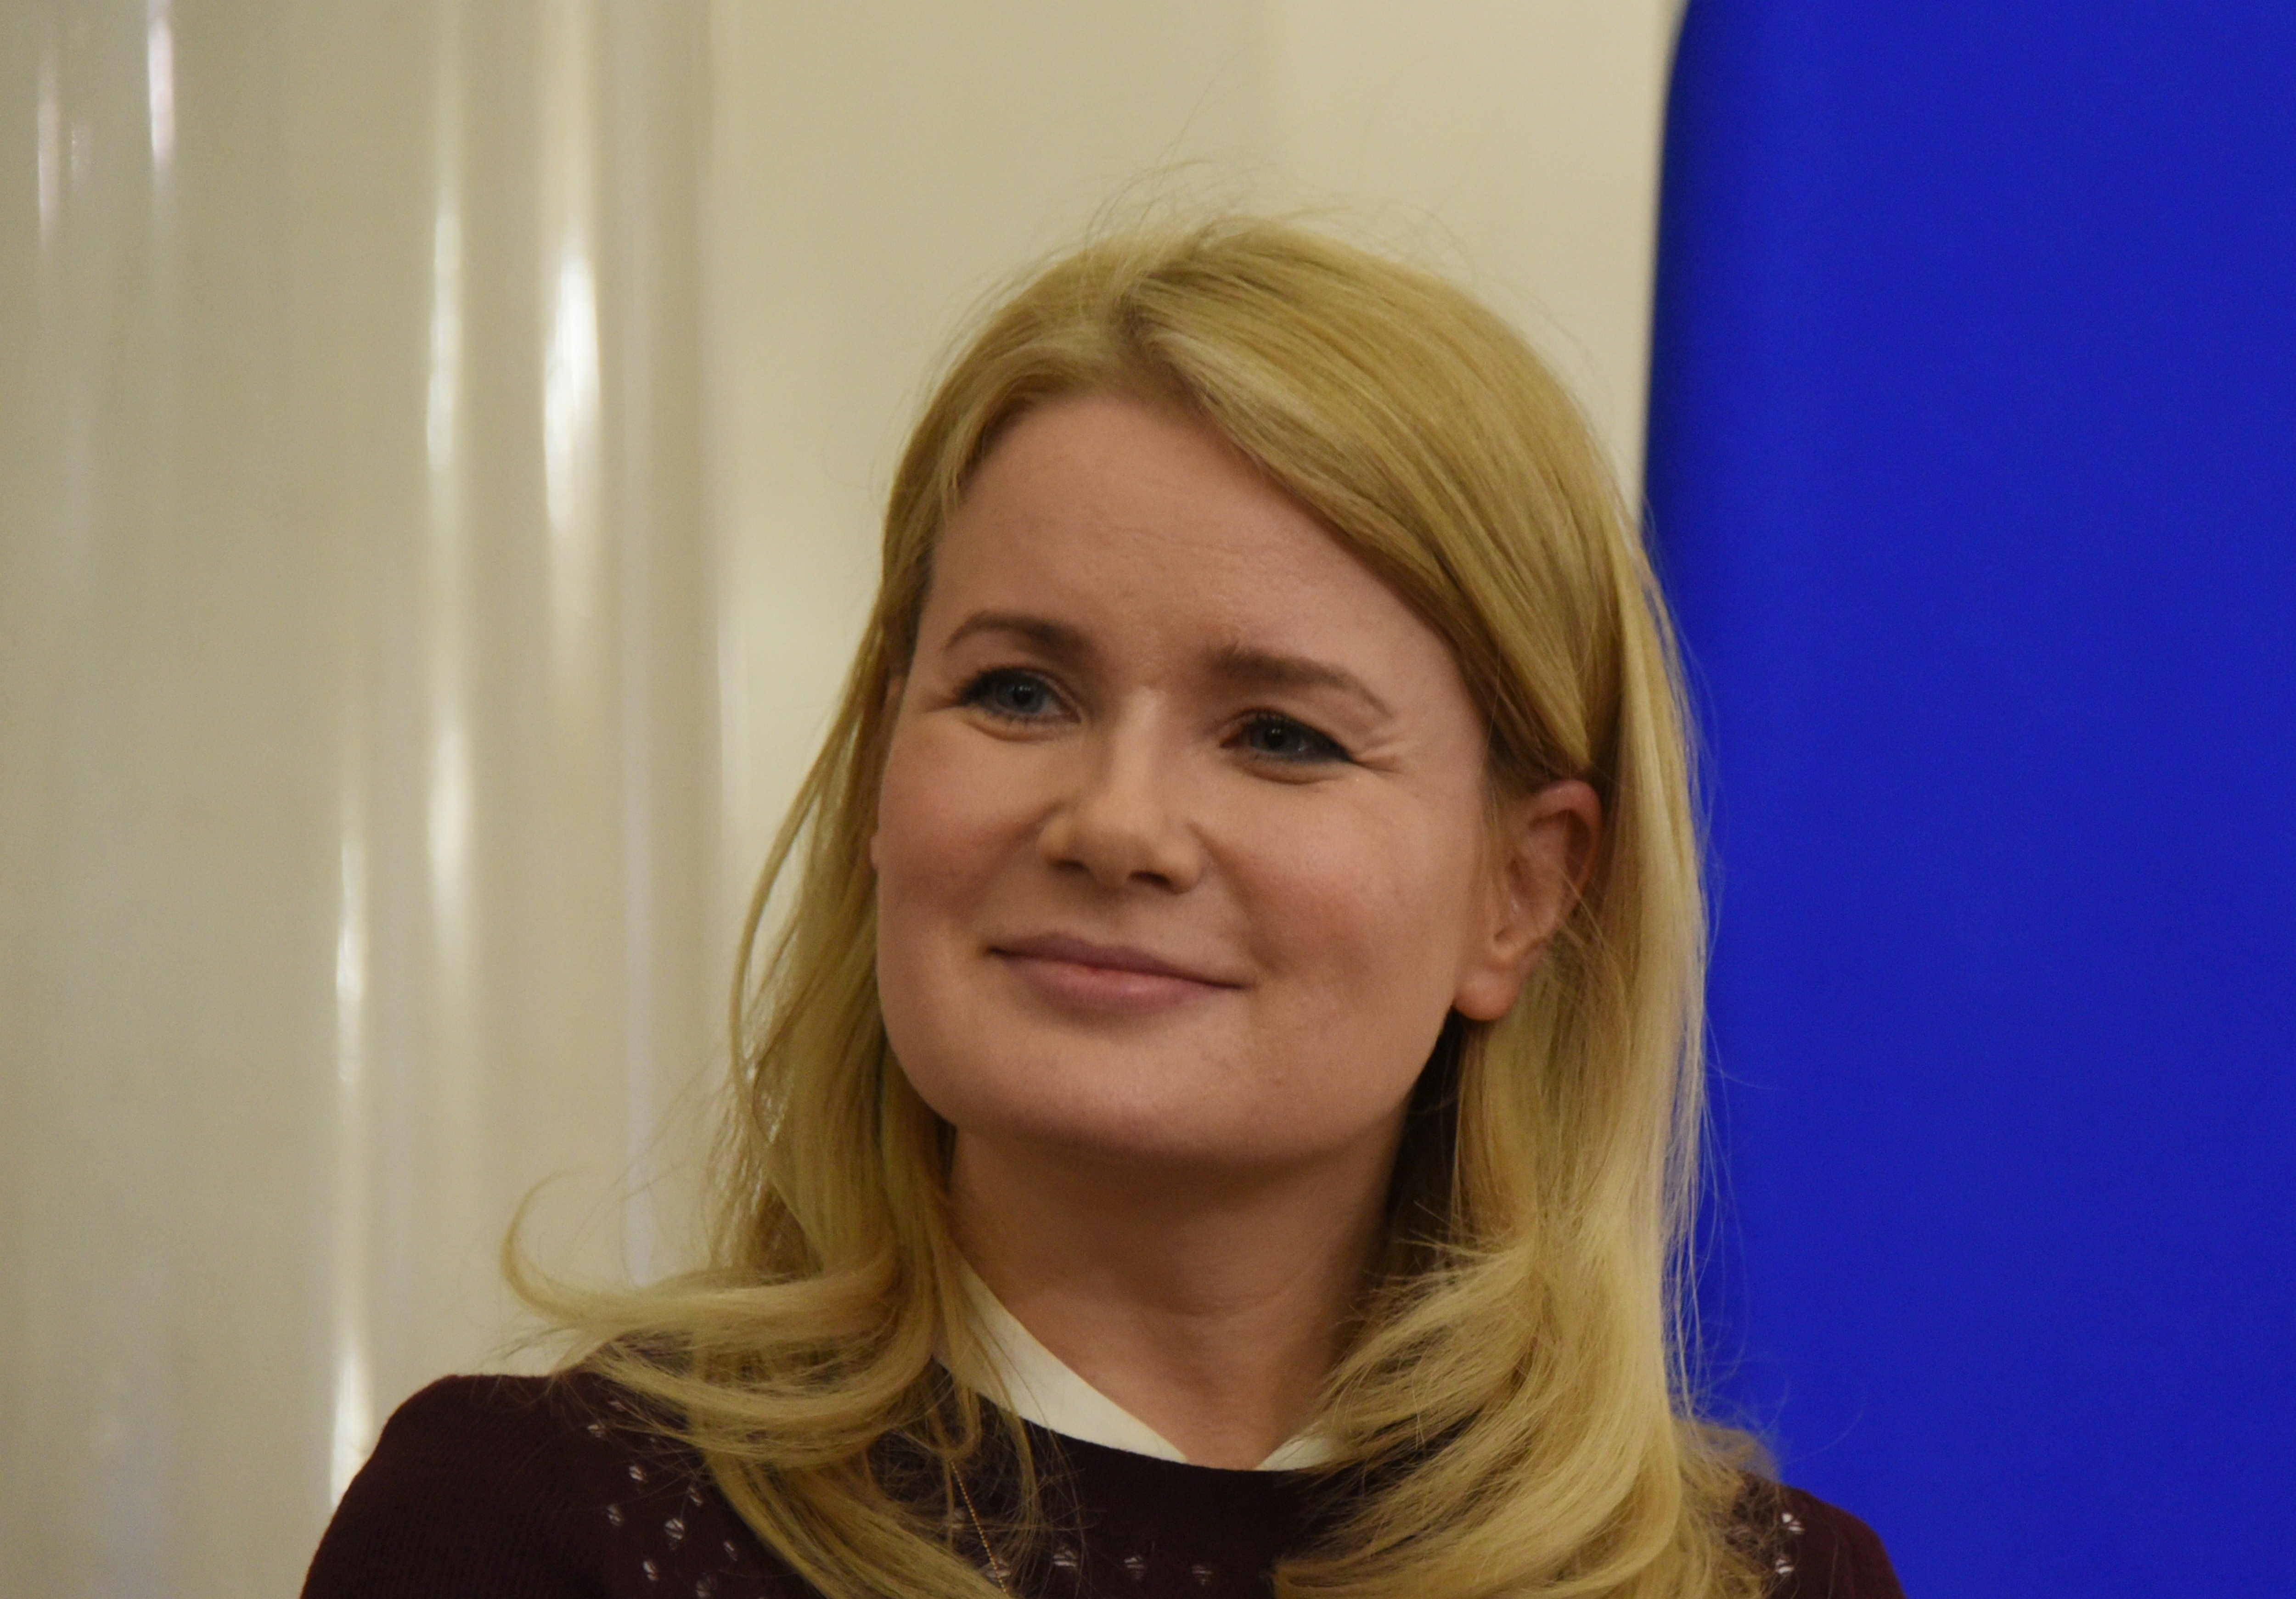 Наталья Сергунина рассказала о диверсификации сферы туризма в Москве